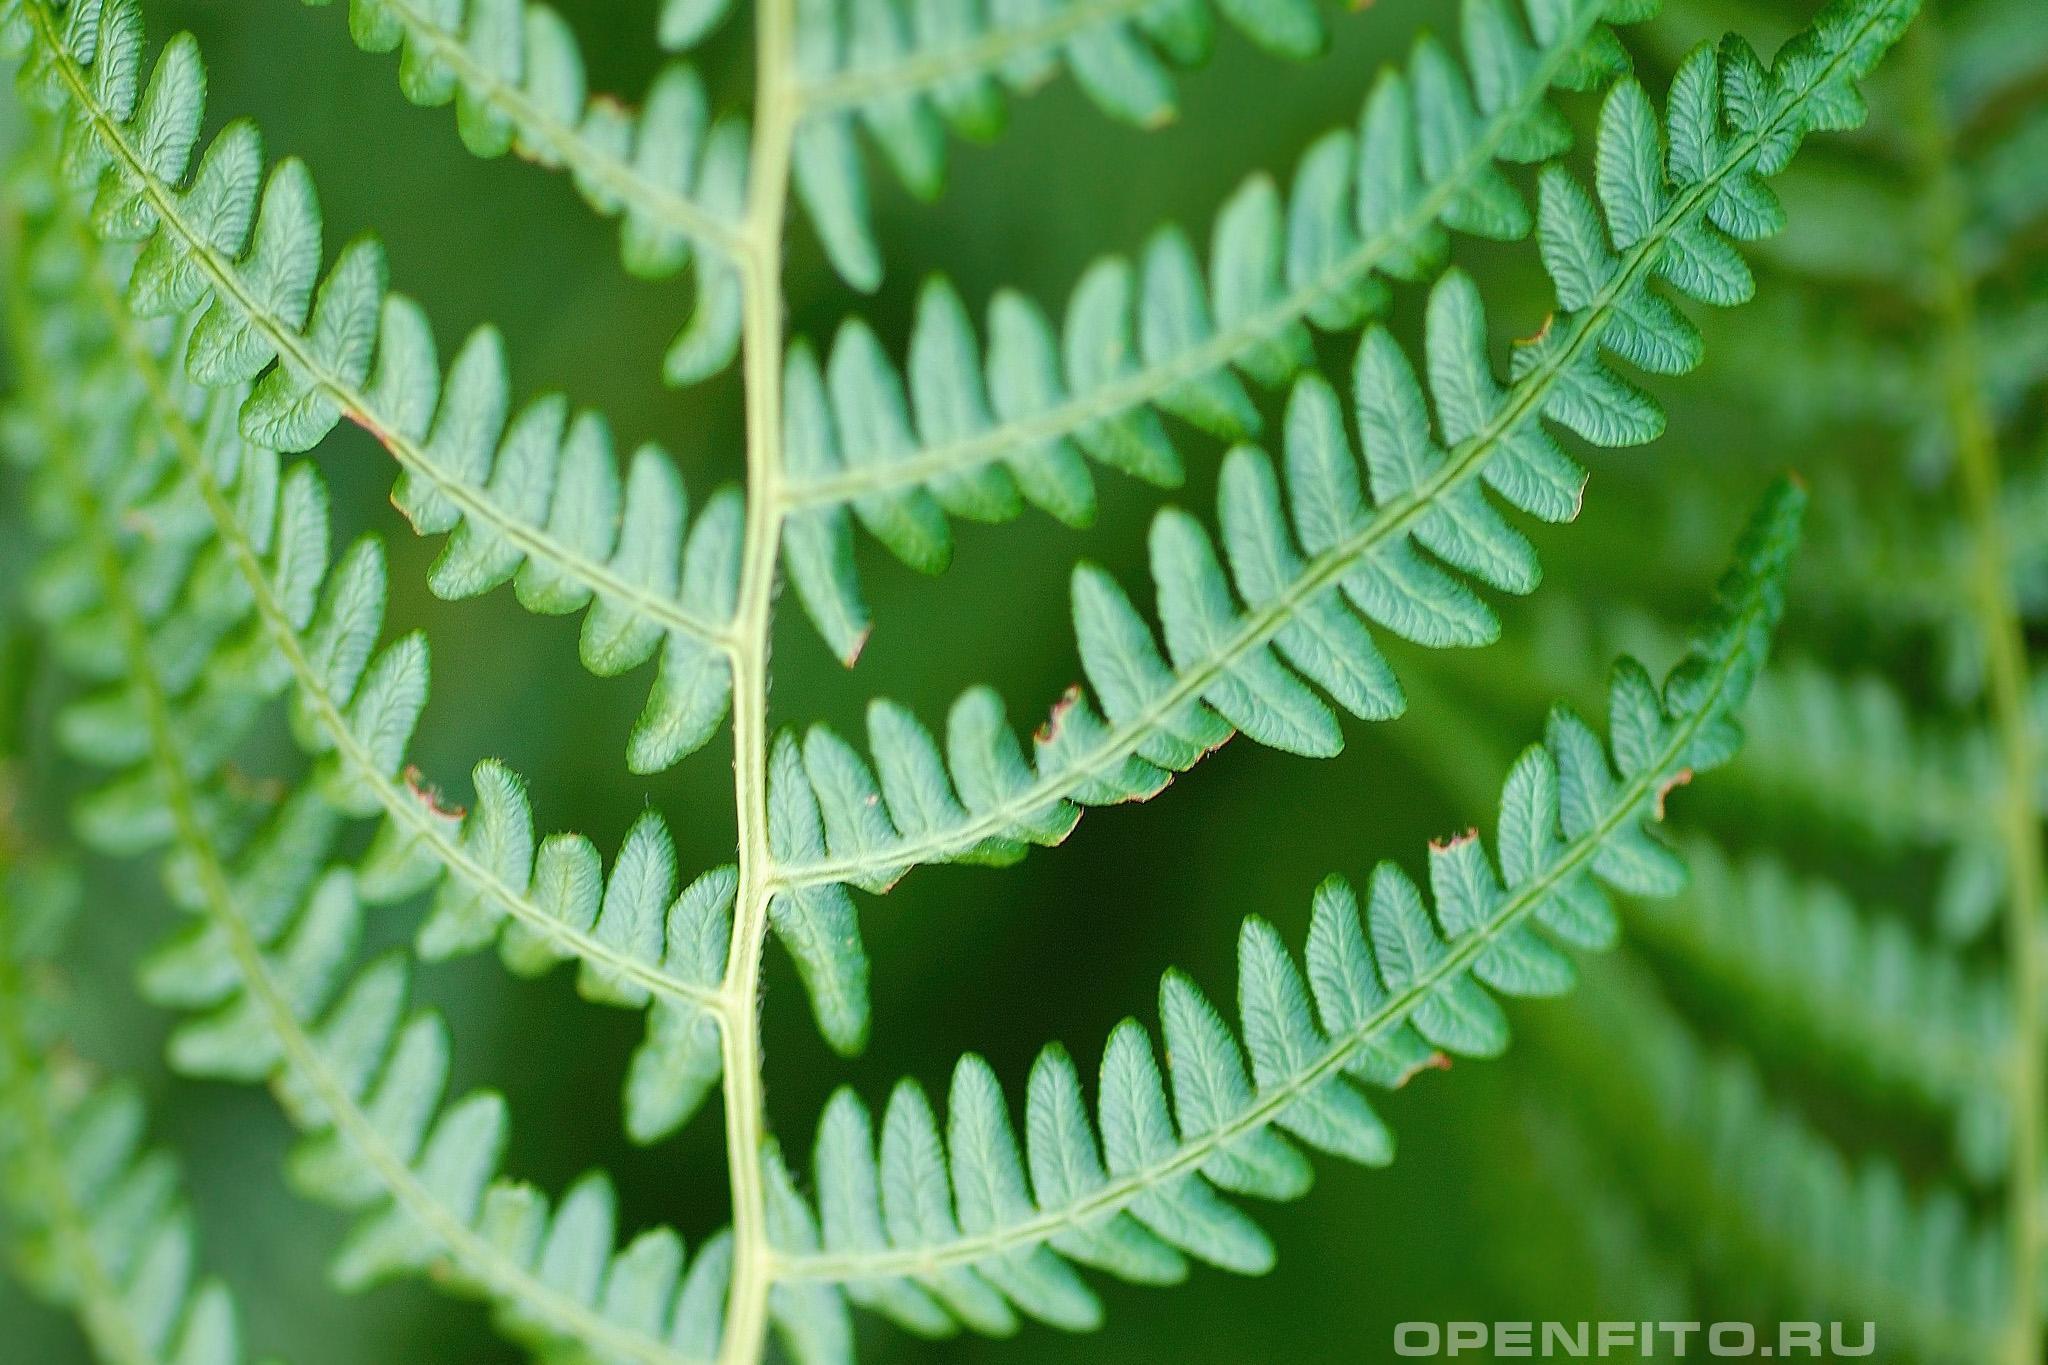 Орляк обыкновенный лист крупным планом